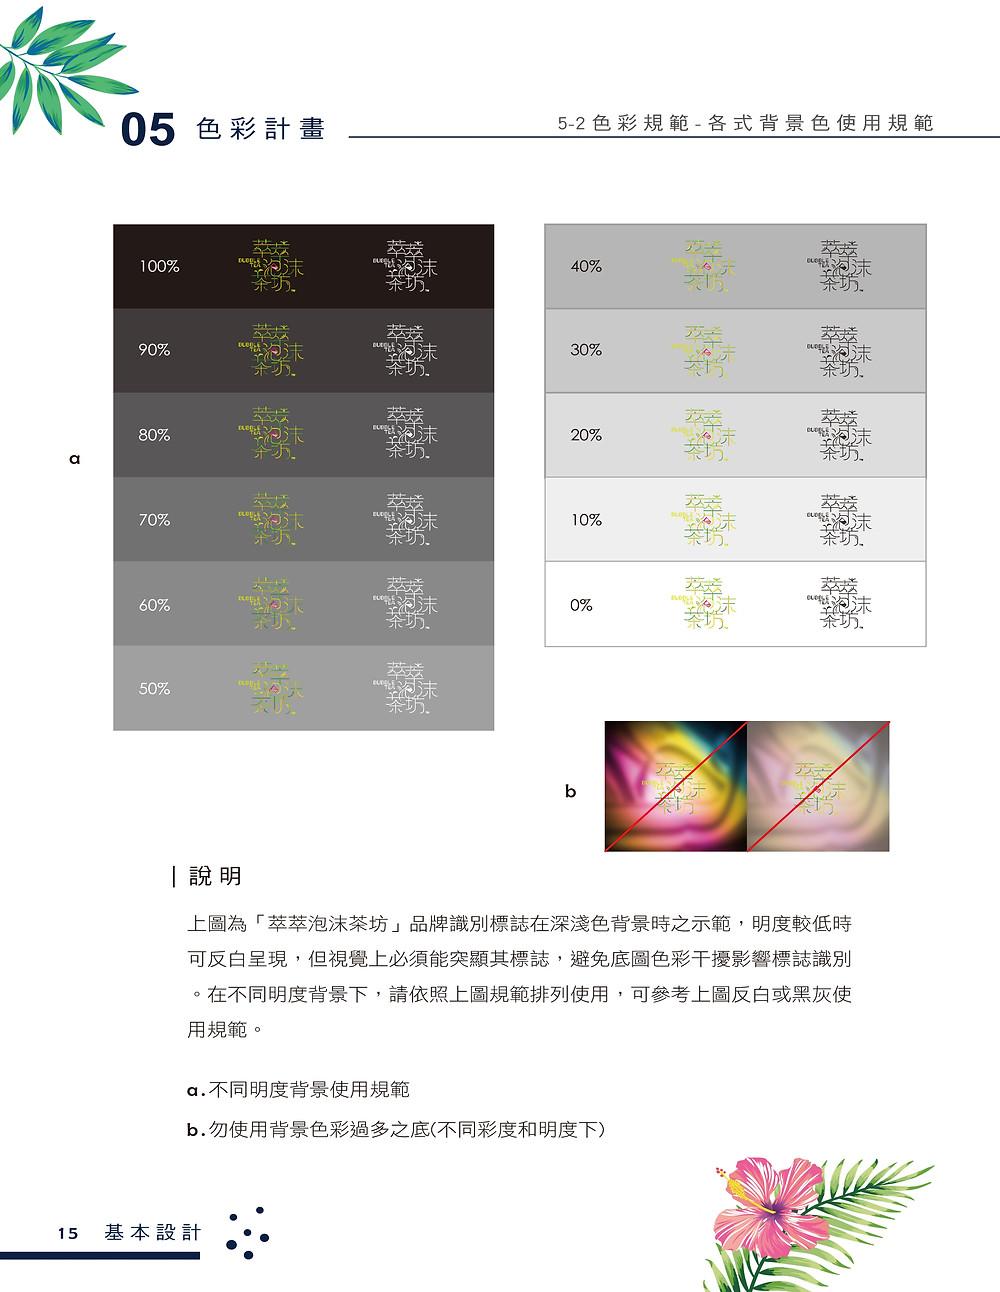 萃萃泡沫茶坊 品牌識別系統手冊 背景色使用規範